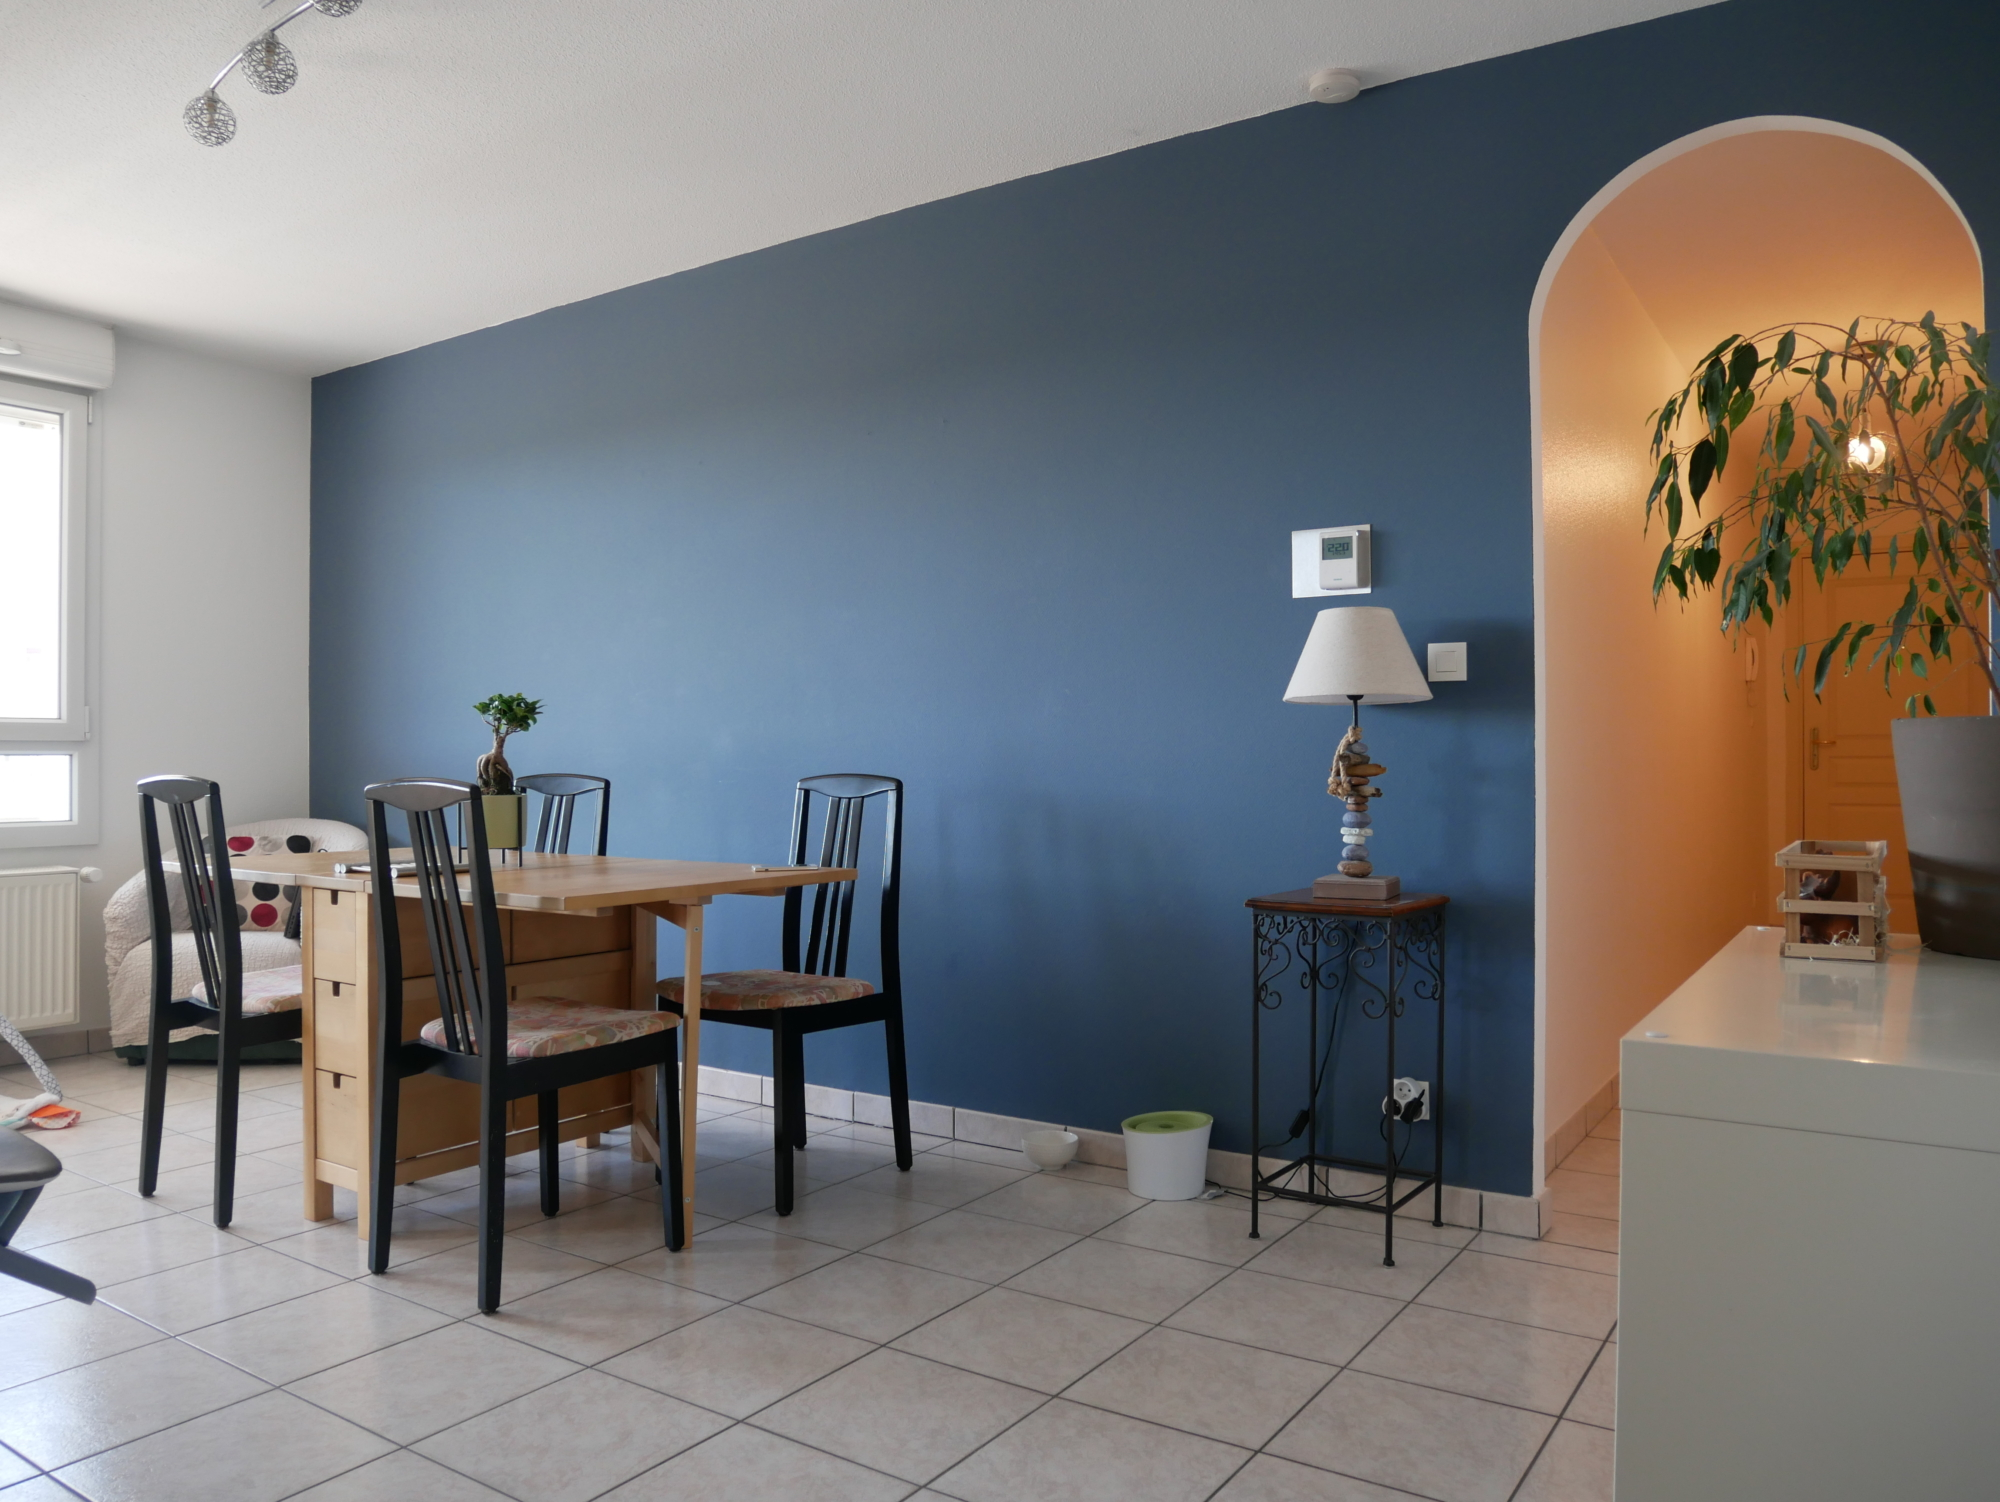 [Blue] Charmant 3 pièces avec balcons, garage et parking - Haguenau - nos ventes - Beausite Immobilier 2